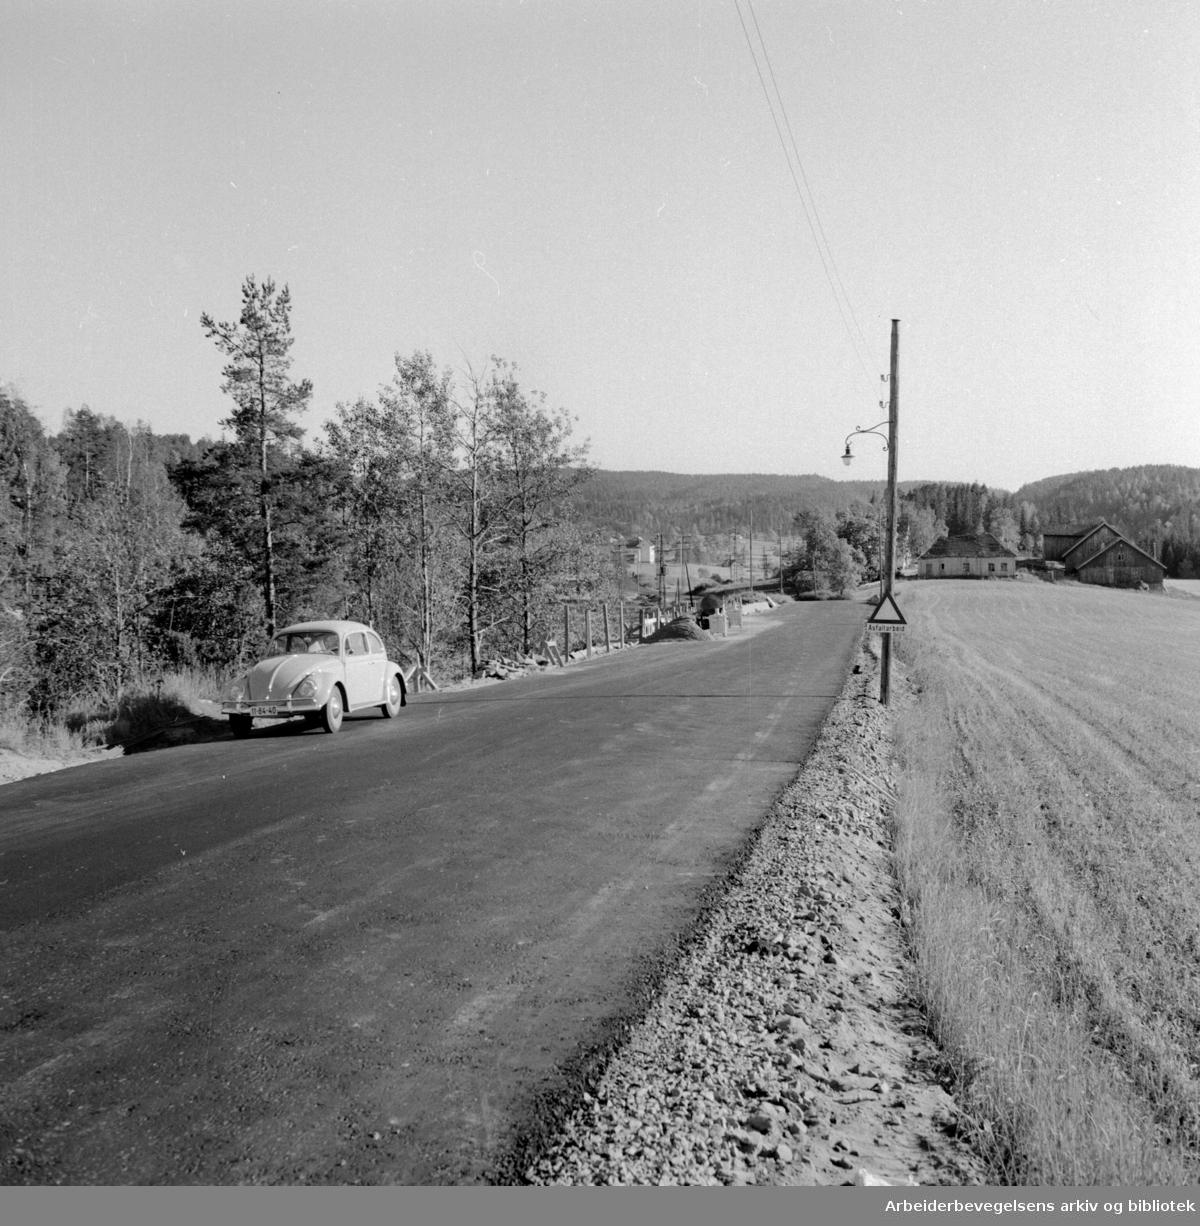 Enebakkveien. September 1959